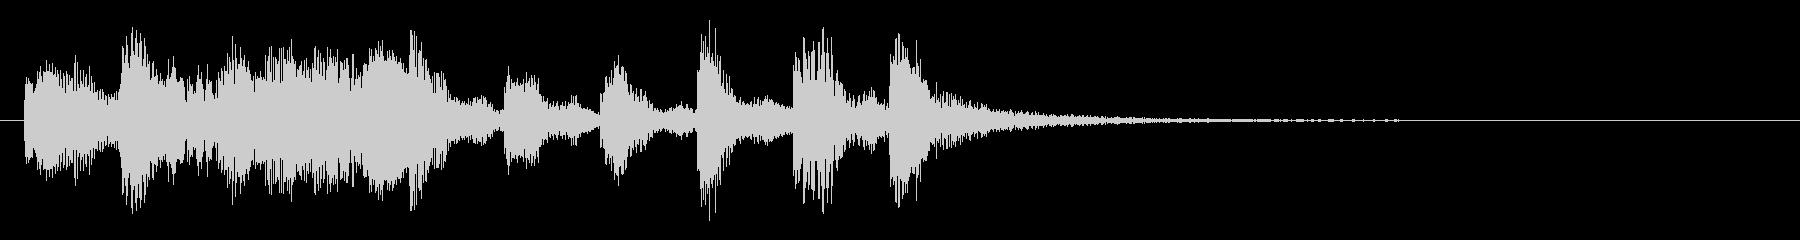 のほほんジングル032_おっとり-3の未再生の波形